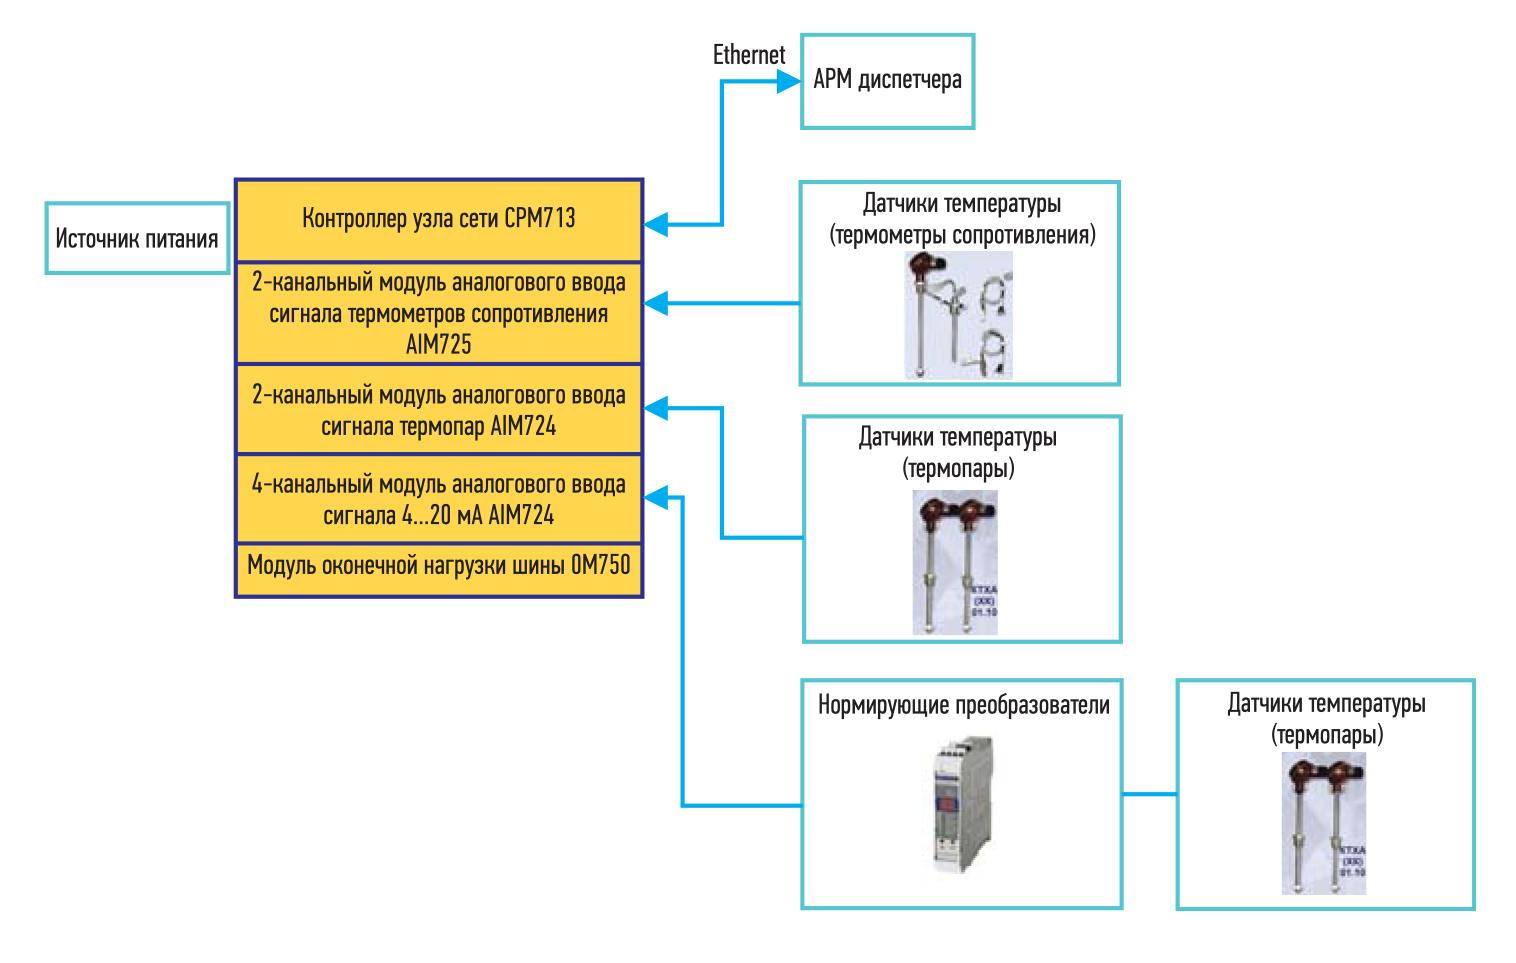 Структурная схема системы контроля температуры на базе узла сети FASTWEL